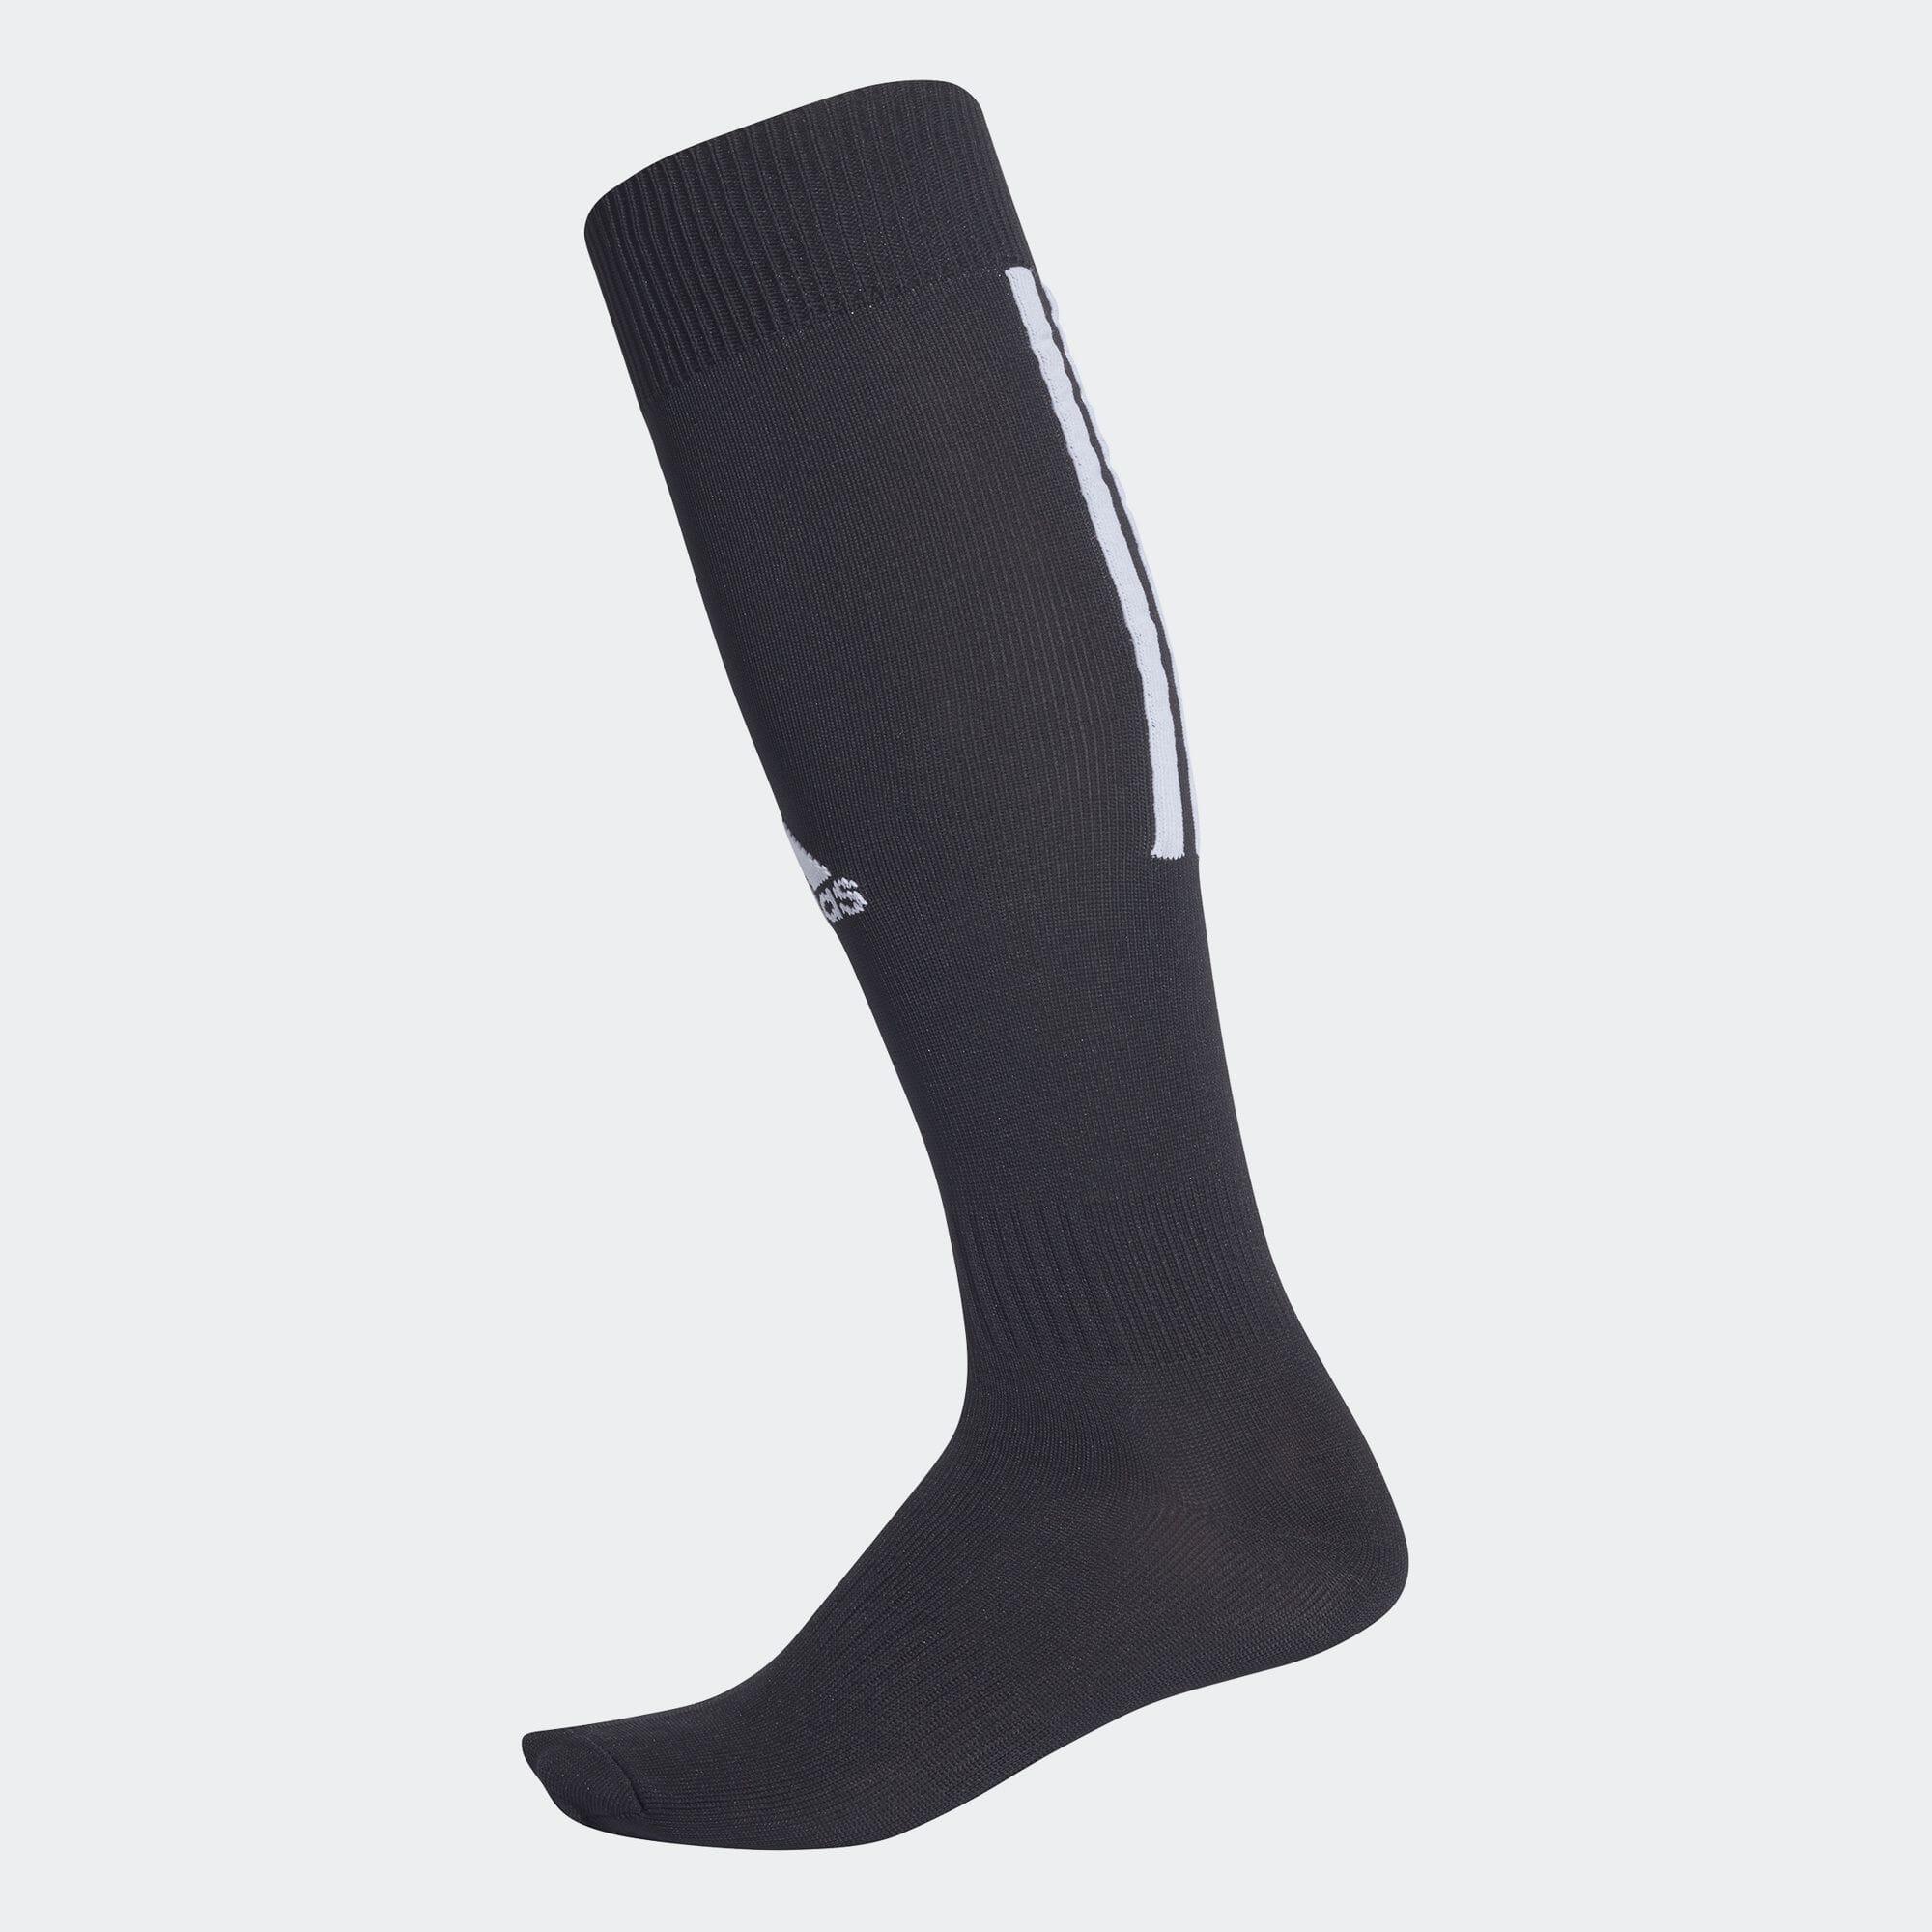 サントス 18 ソックス / Santos 18 Socks